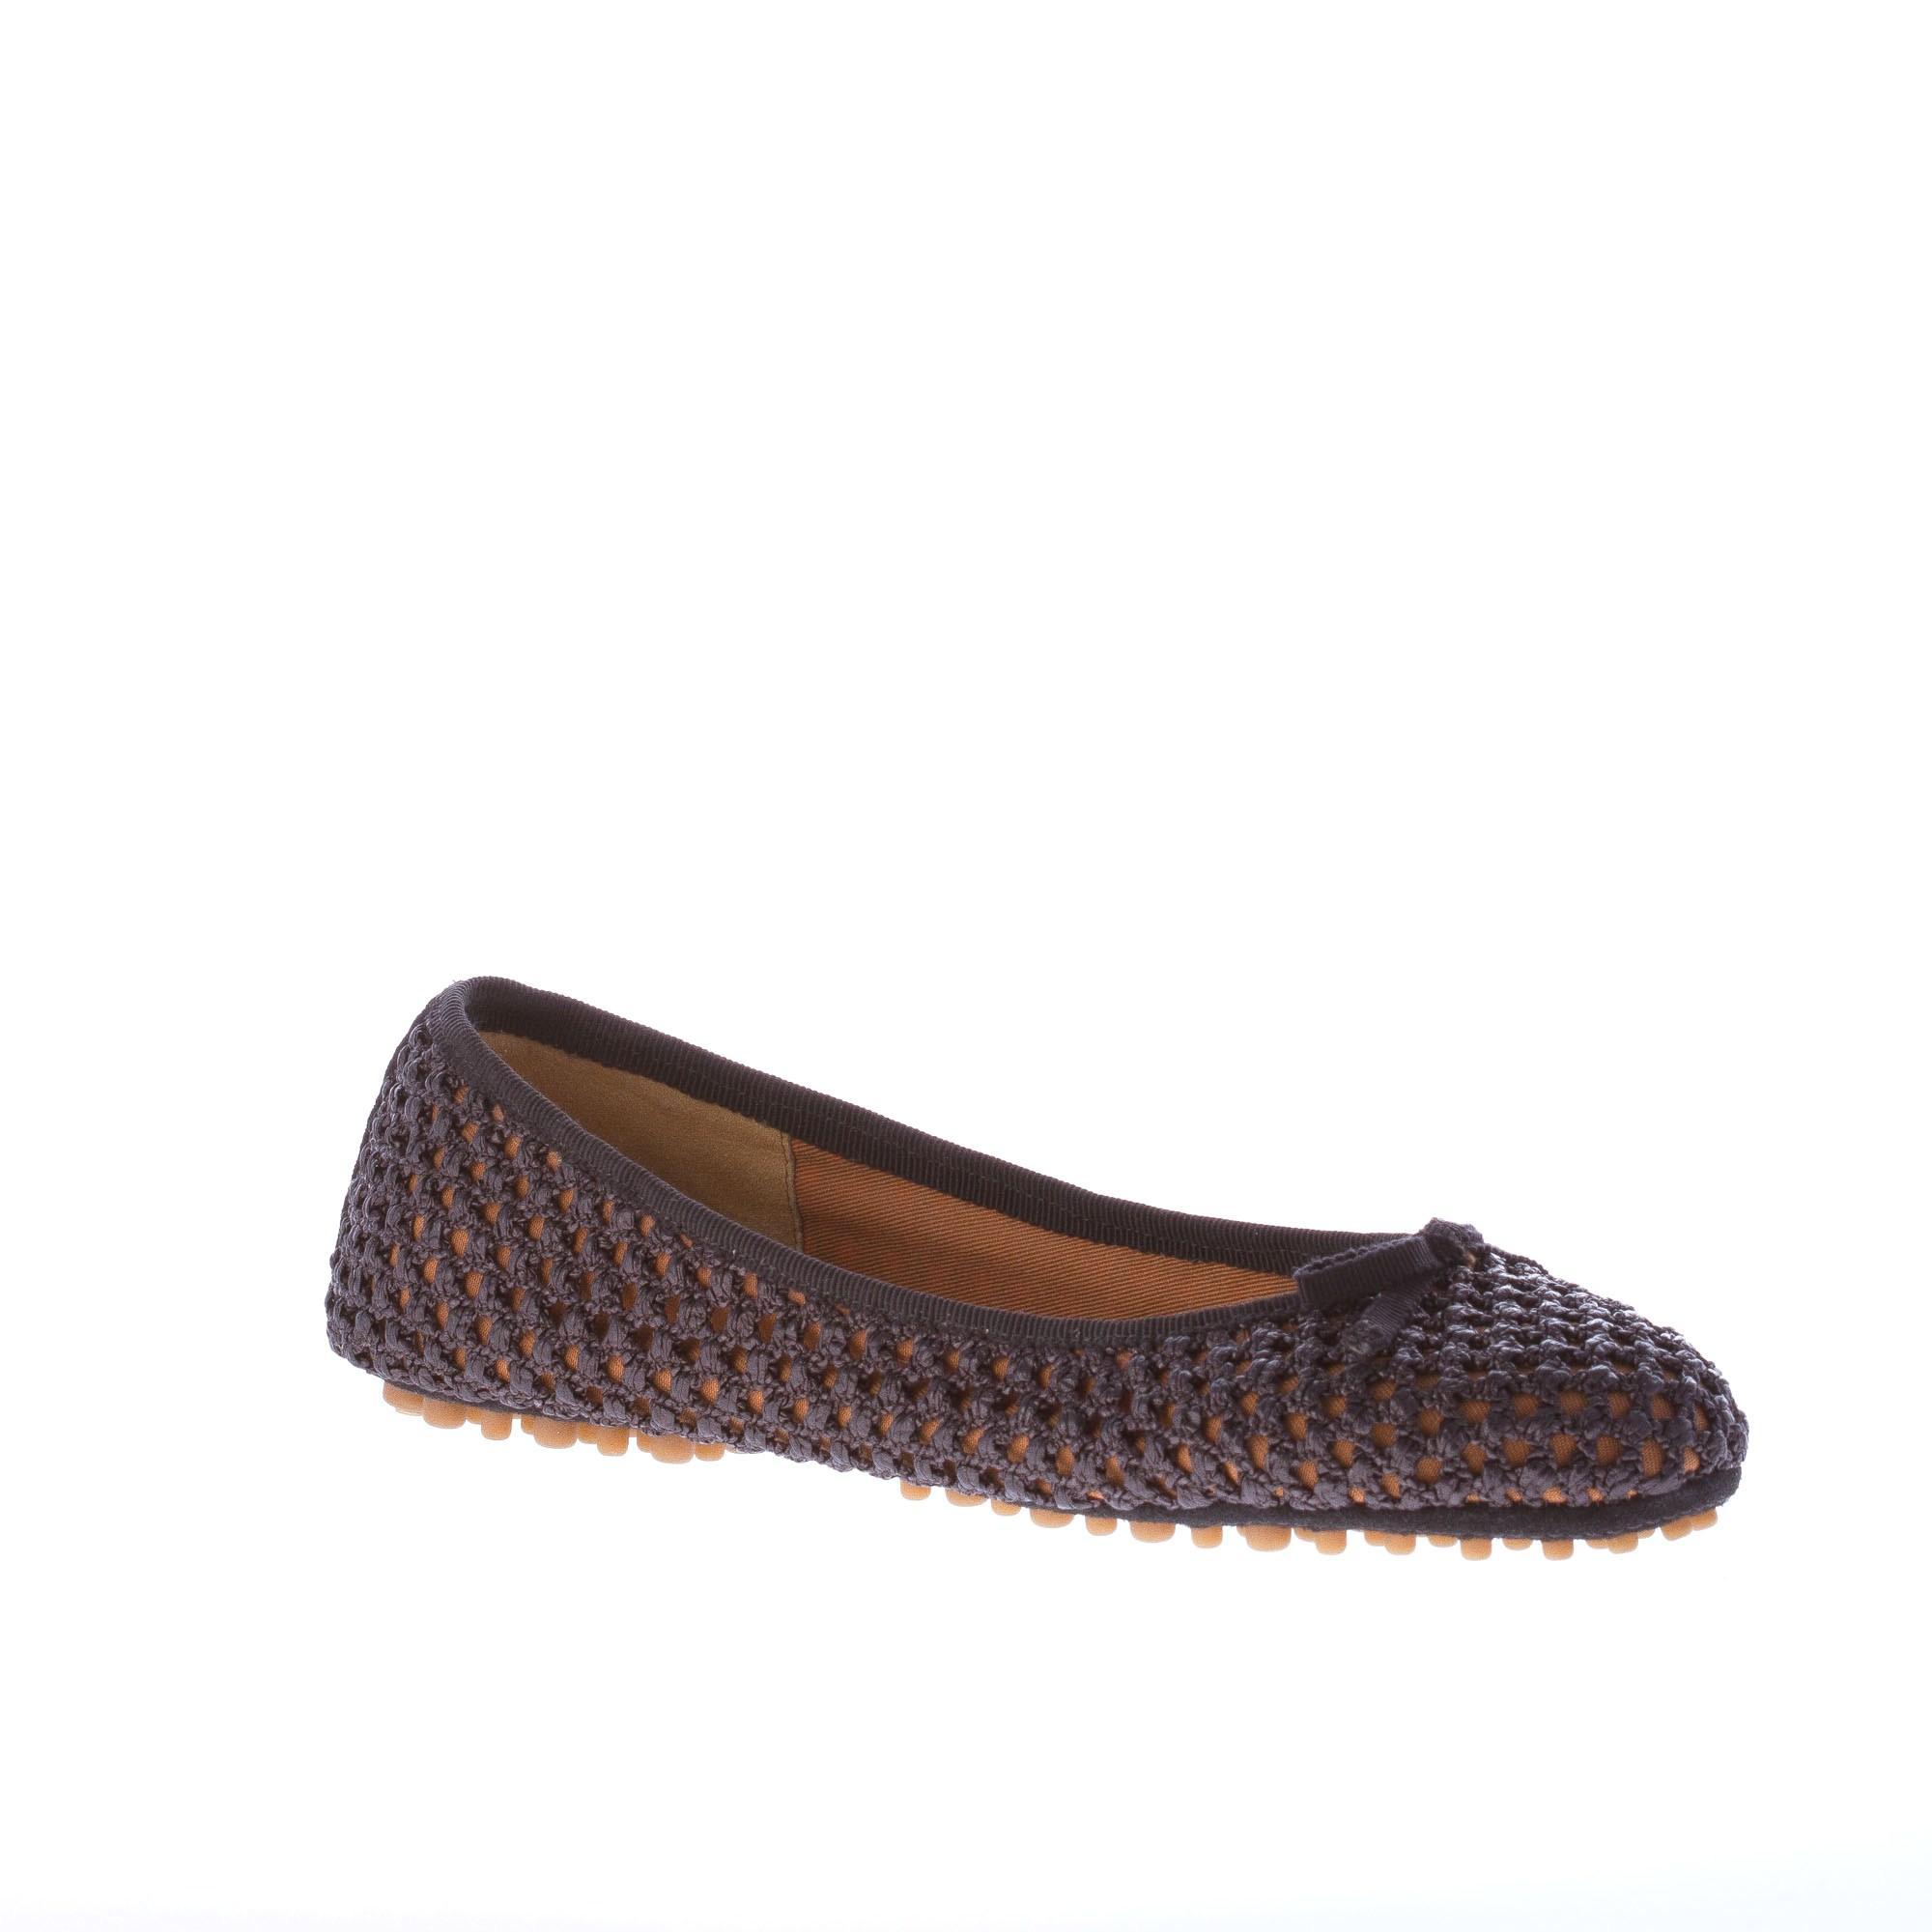 Car zapatos Zapatos Mujer Negro Trenzado Arco Rafia Ballerina Plana Con Arco Trenzado fbe8df